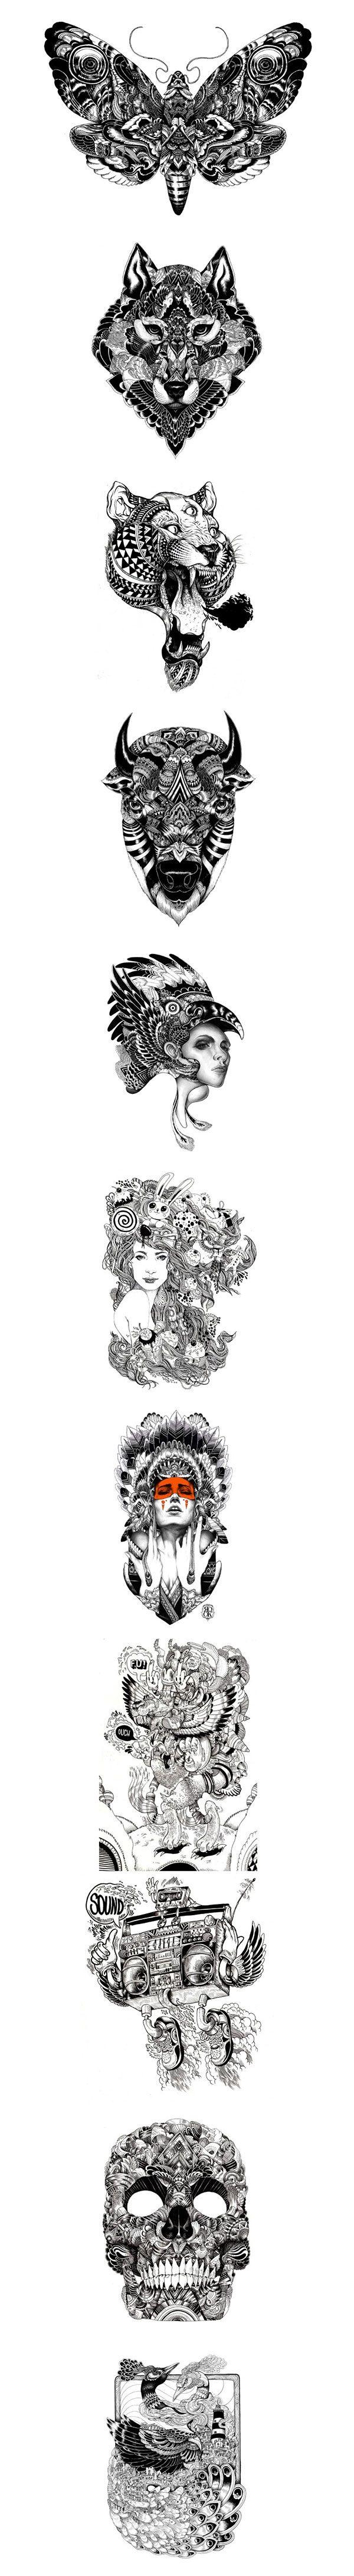 Les magnifiques réalisations de Iain Macarthur, des illustrations souvent à base de noir et blanc. Un univers excellent.